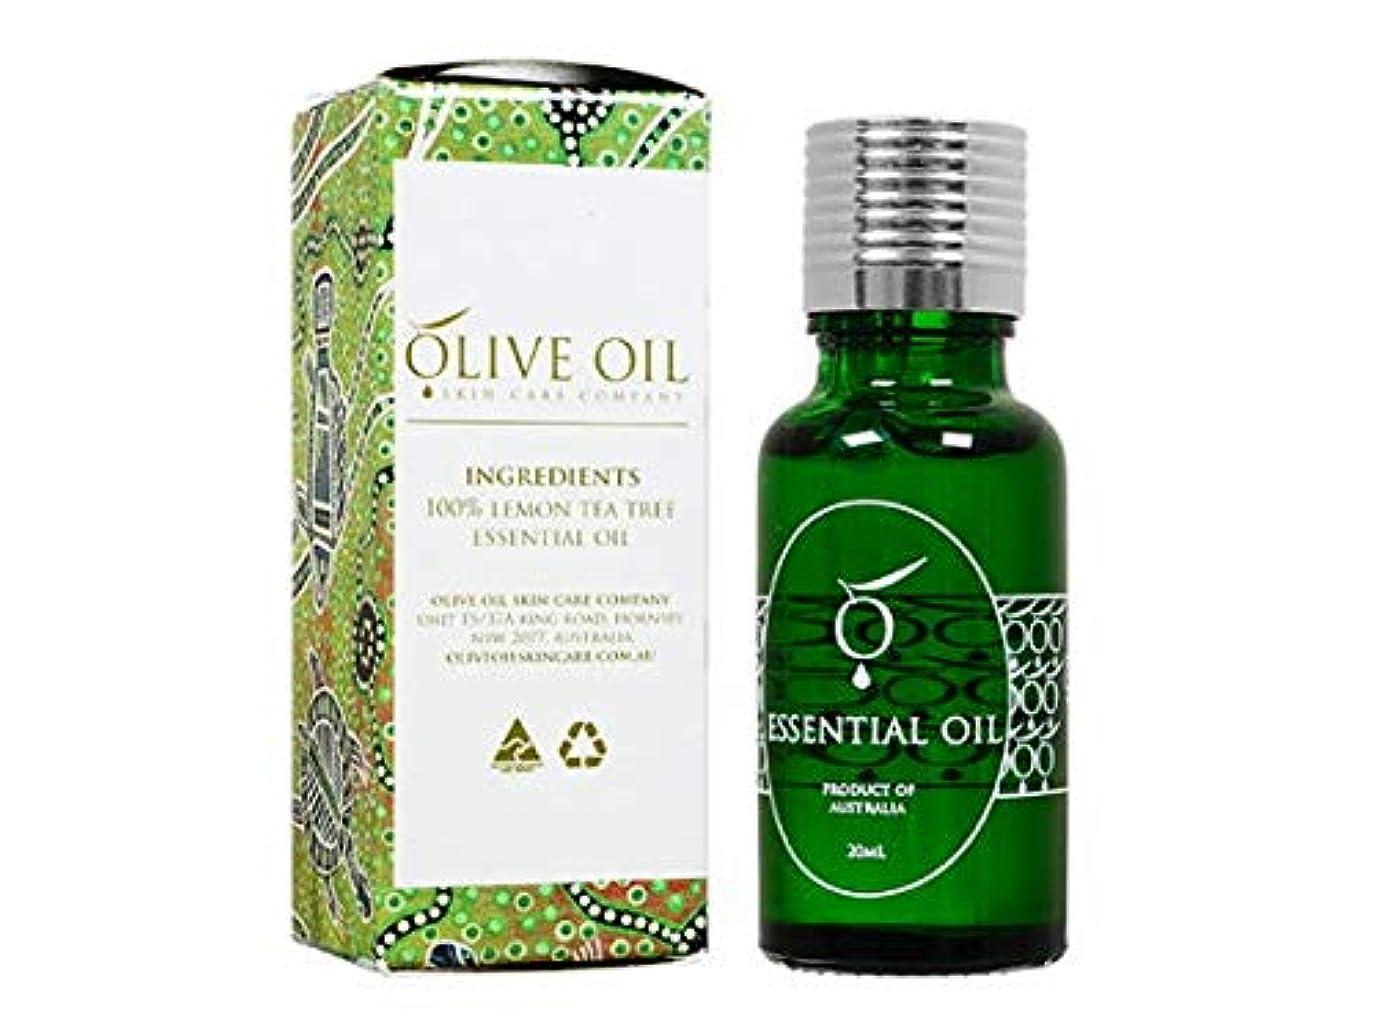 壁紙熟練した霜OliveOil エッセンシャルオイル?レモンティーツリー 20ml (OliveOil) Essential Oil (Lemon Tea Tree) Made in Australia